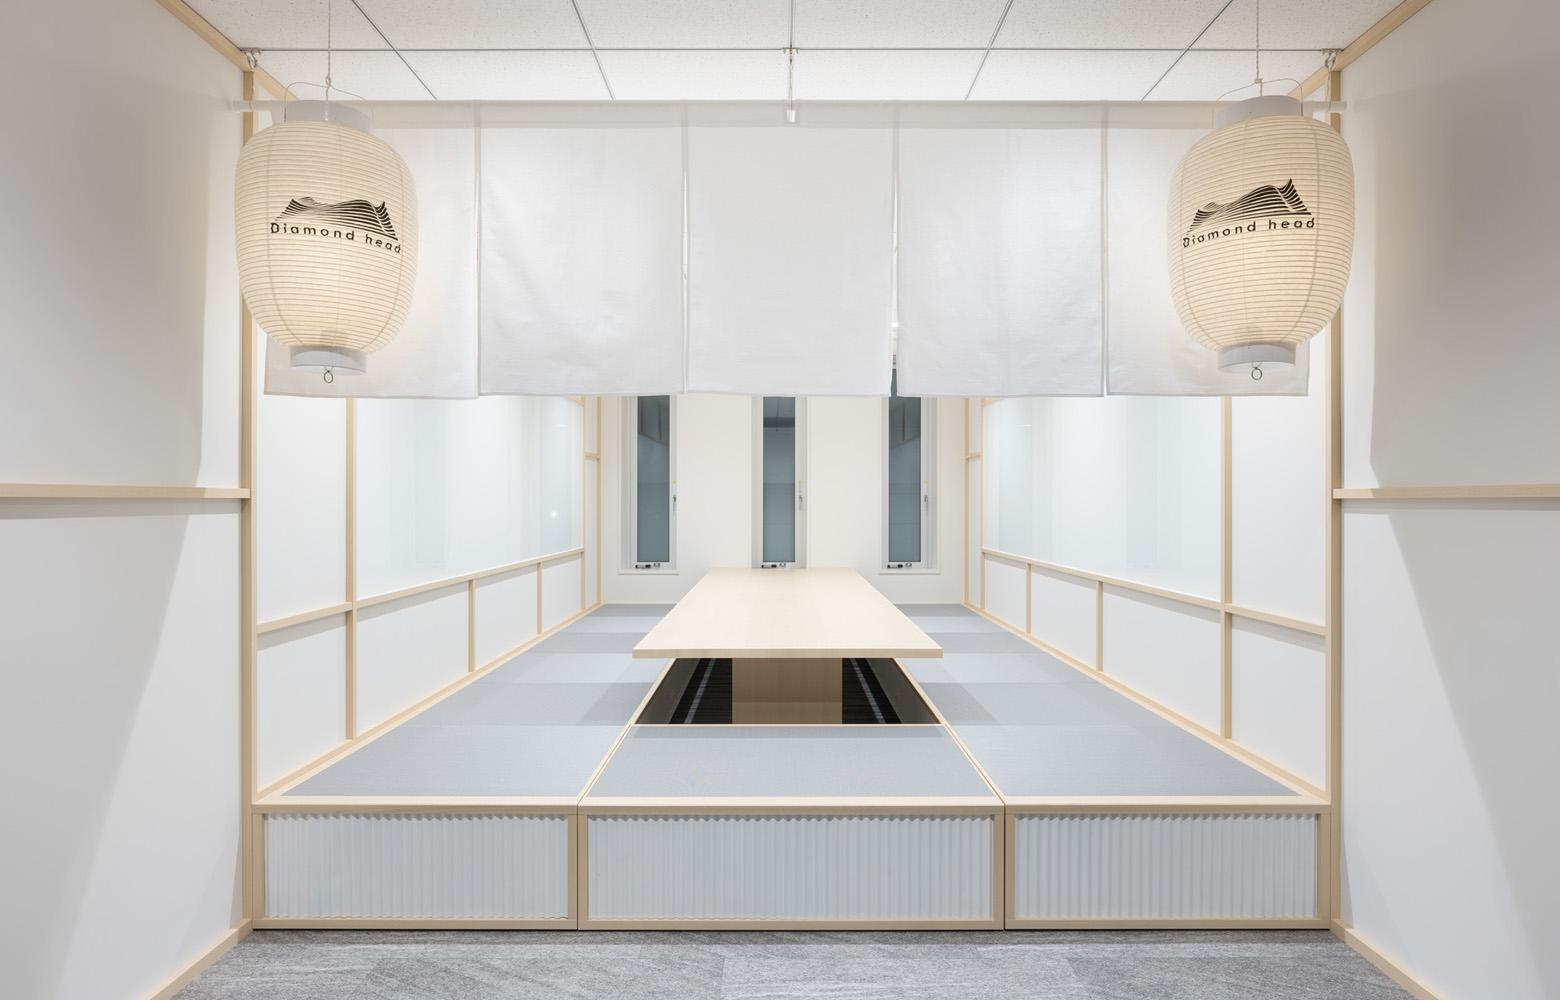 ダイアモンドヘッド株式会社  Sapporo Office Meeting Room デザイン・レイアウト事例